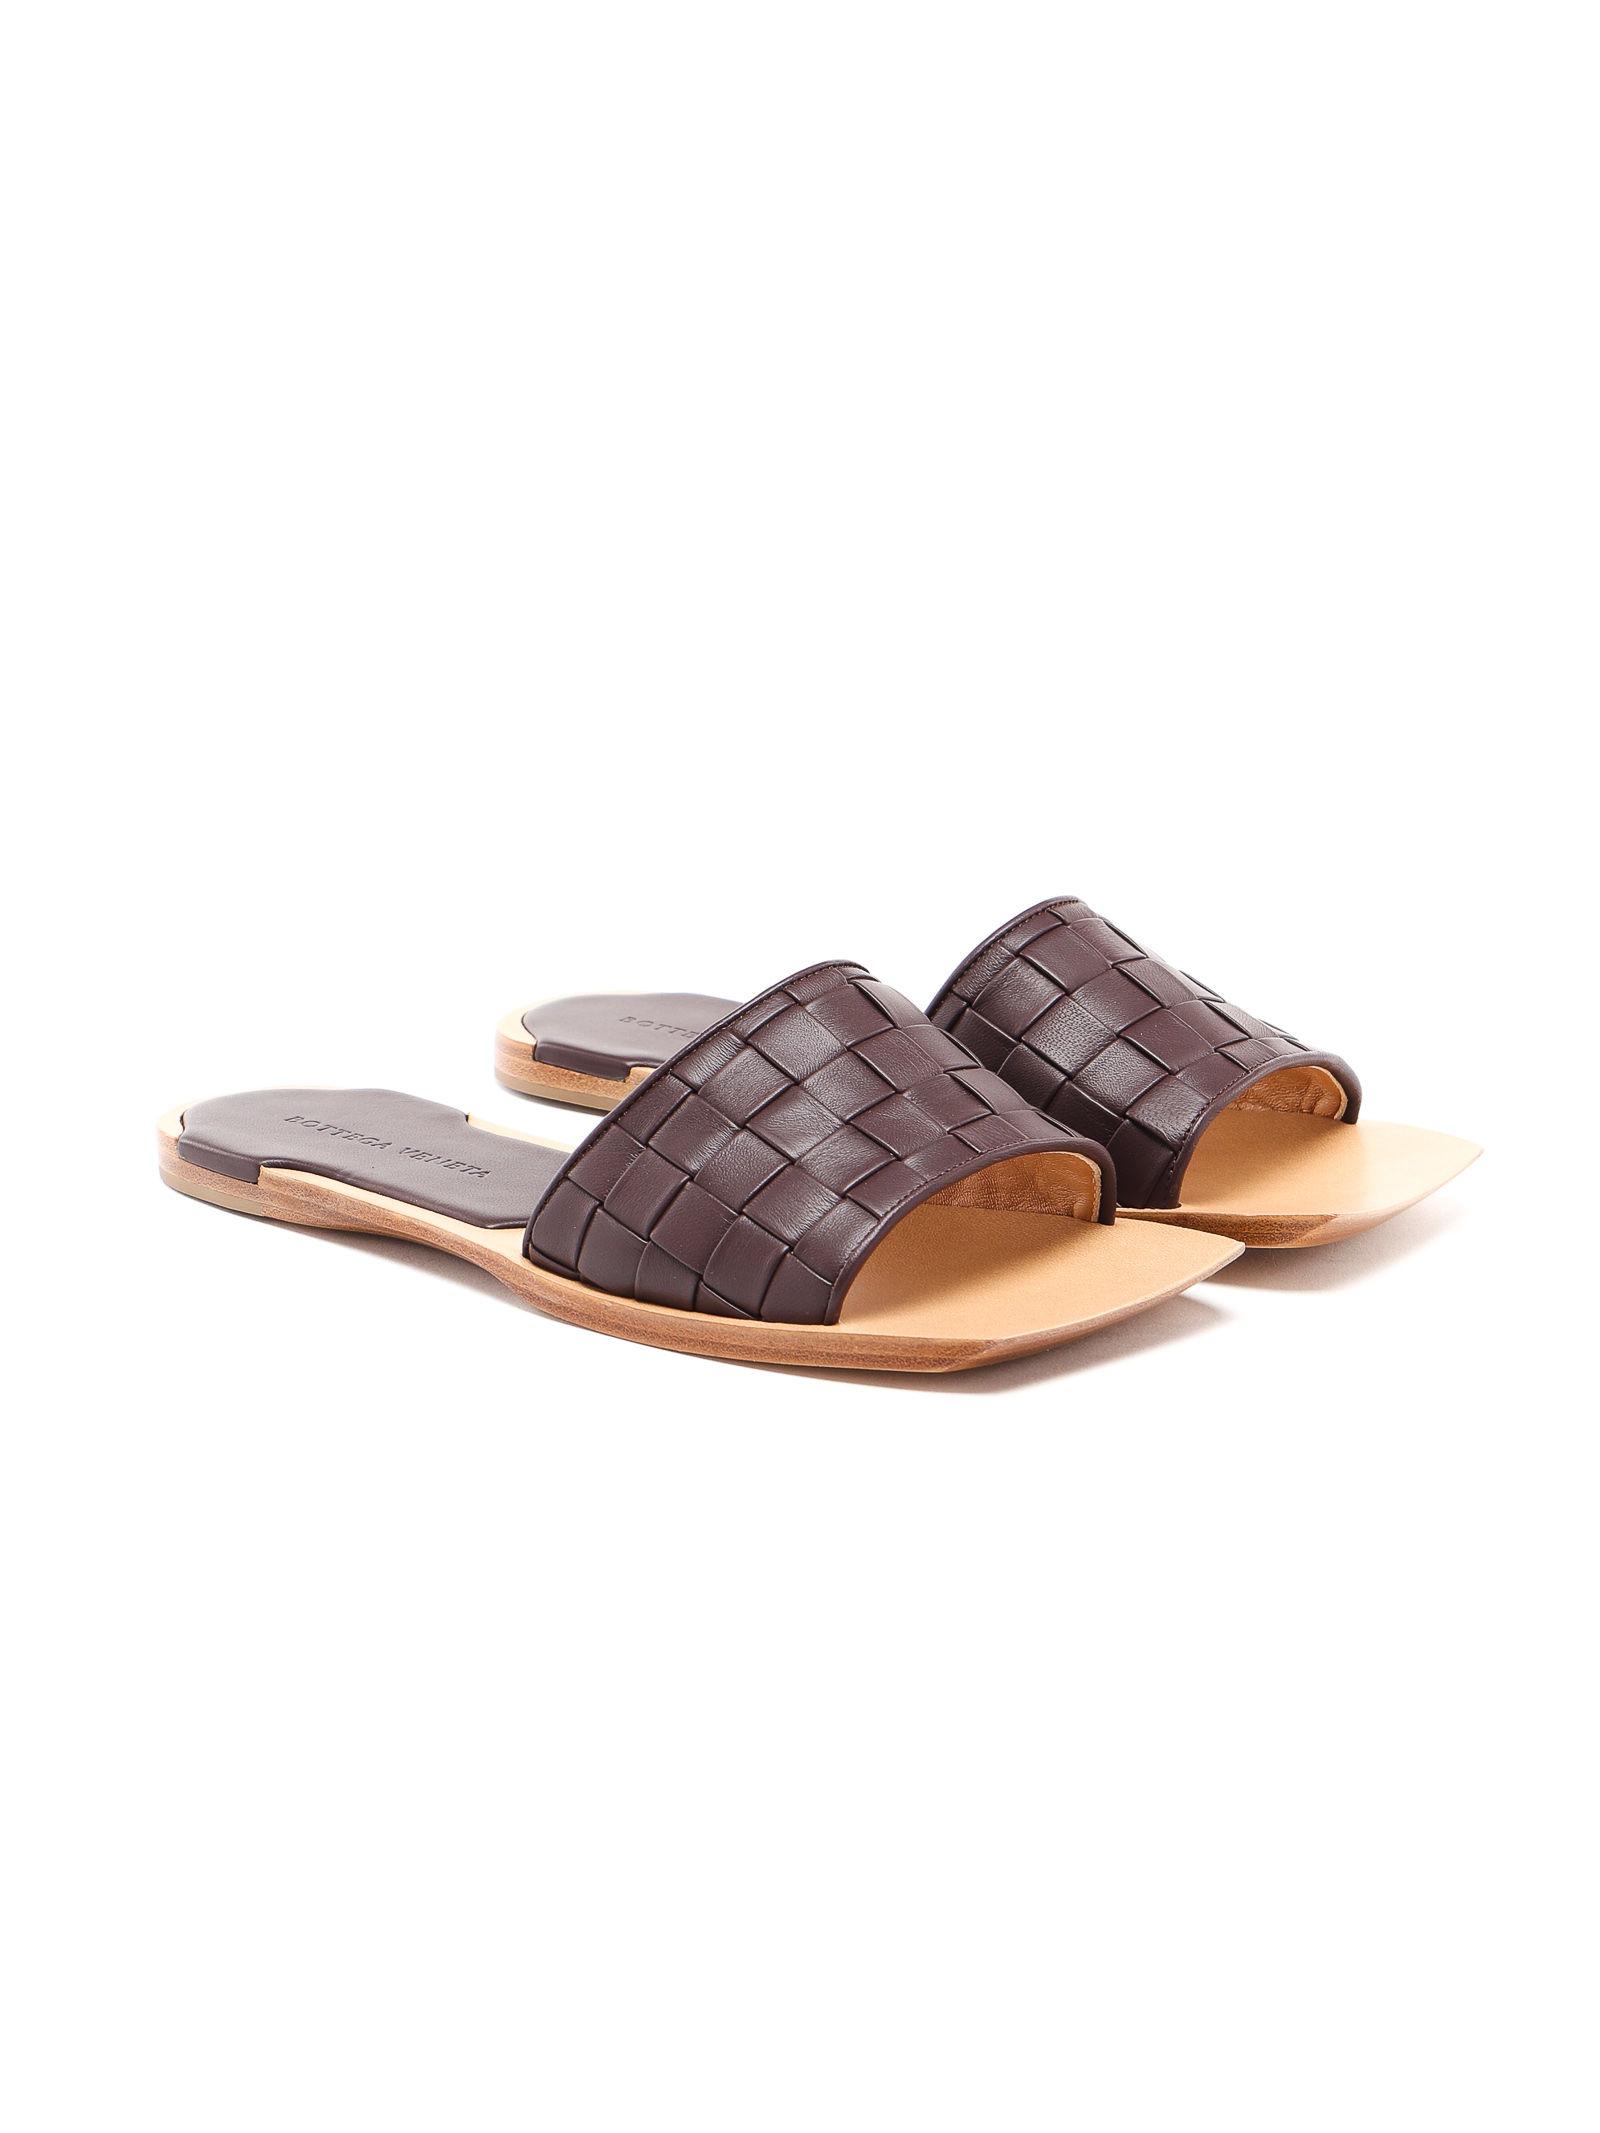 Picture of Bottega Veneta | Flat Sandal